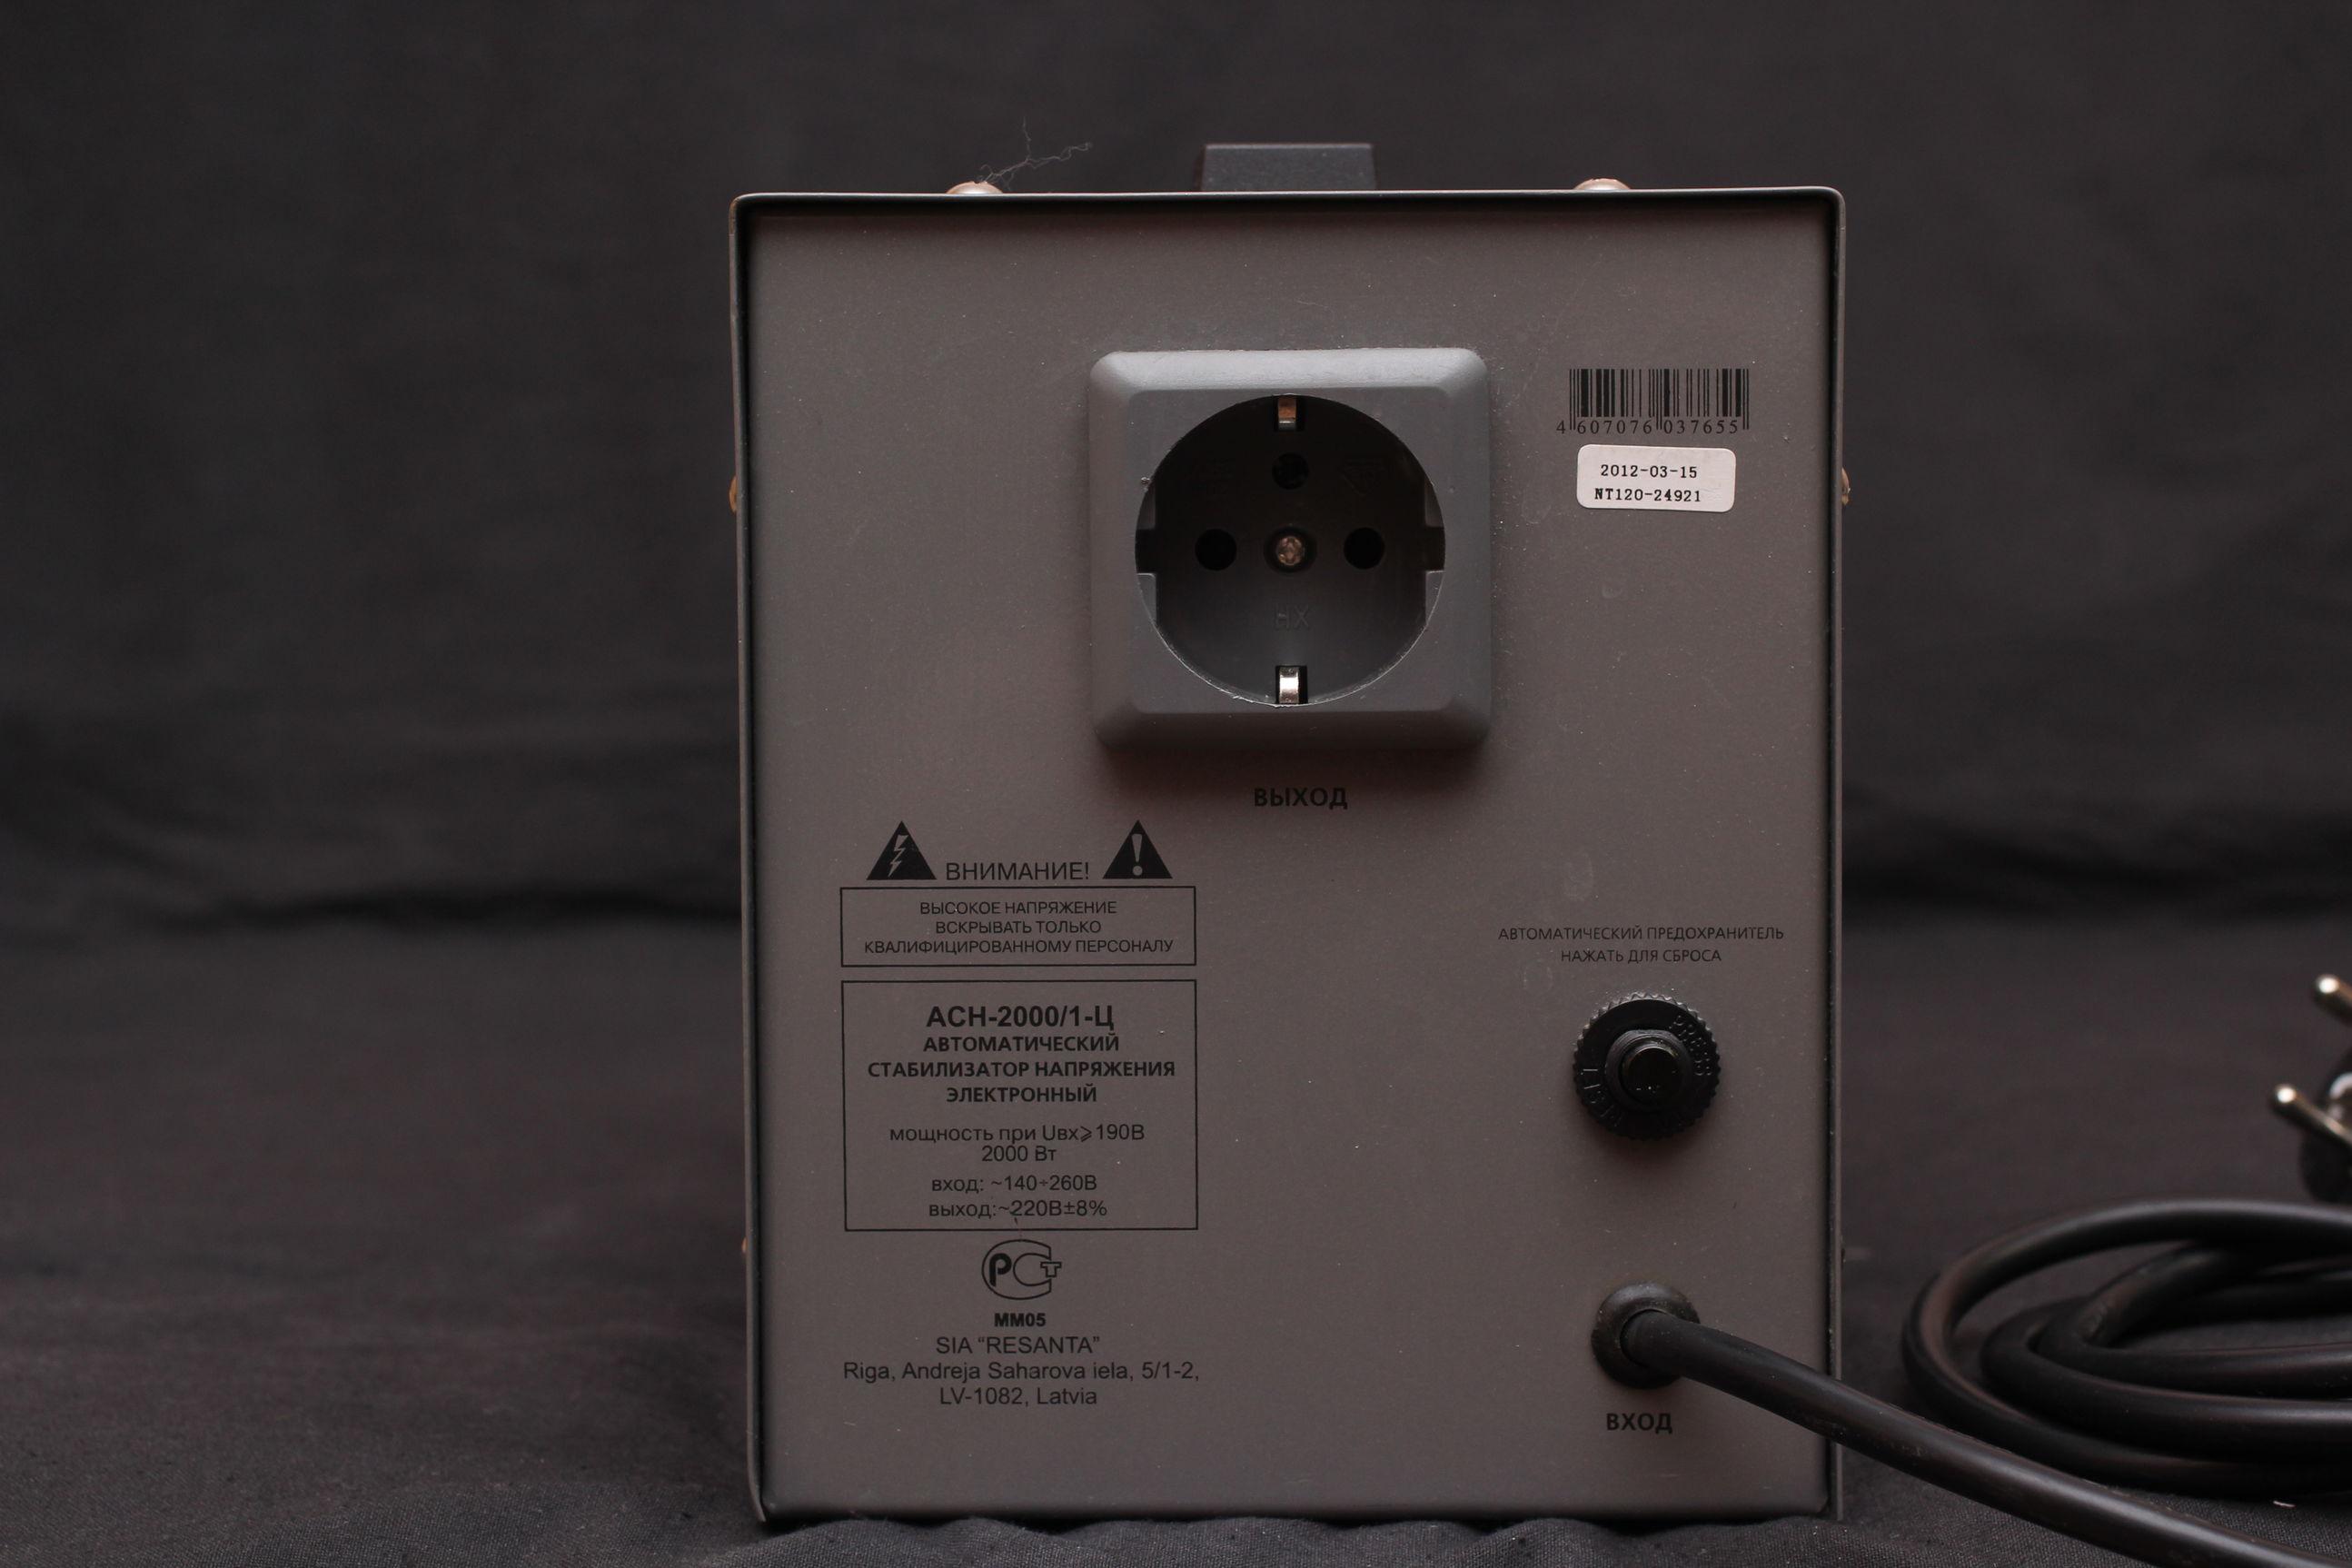 Схема стабилизатора ресанта асн 1000 1 ц фото 408